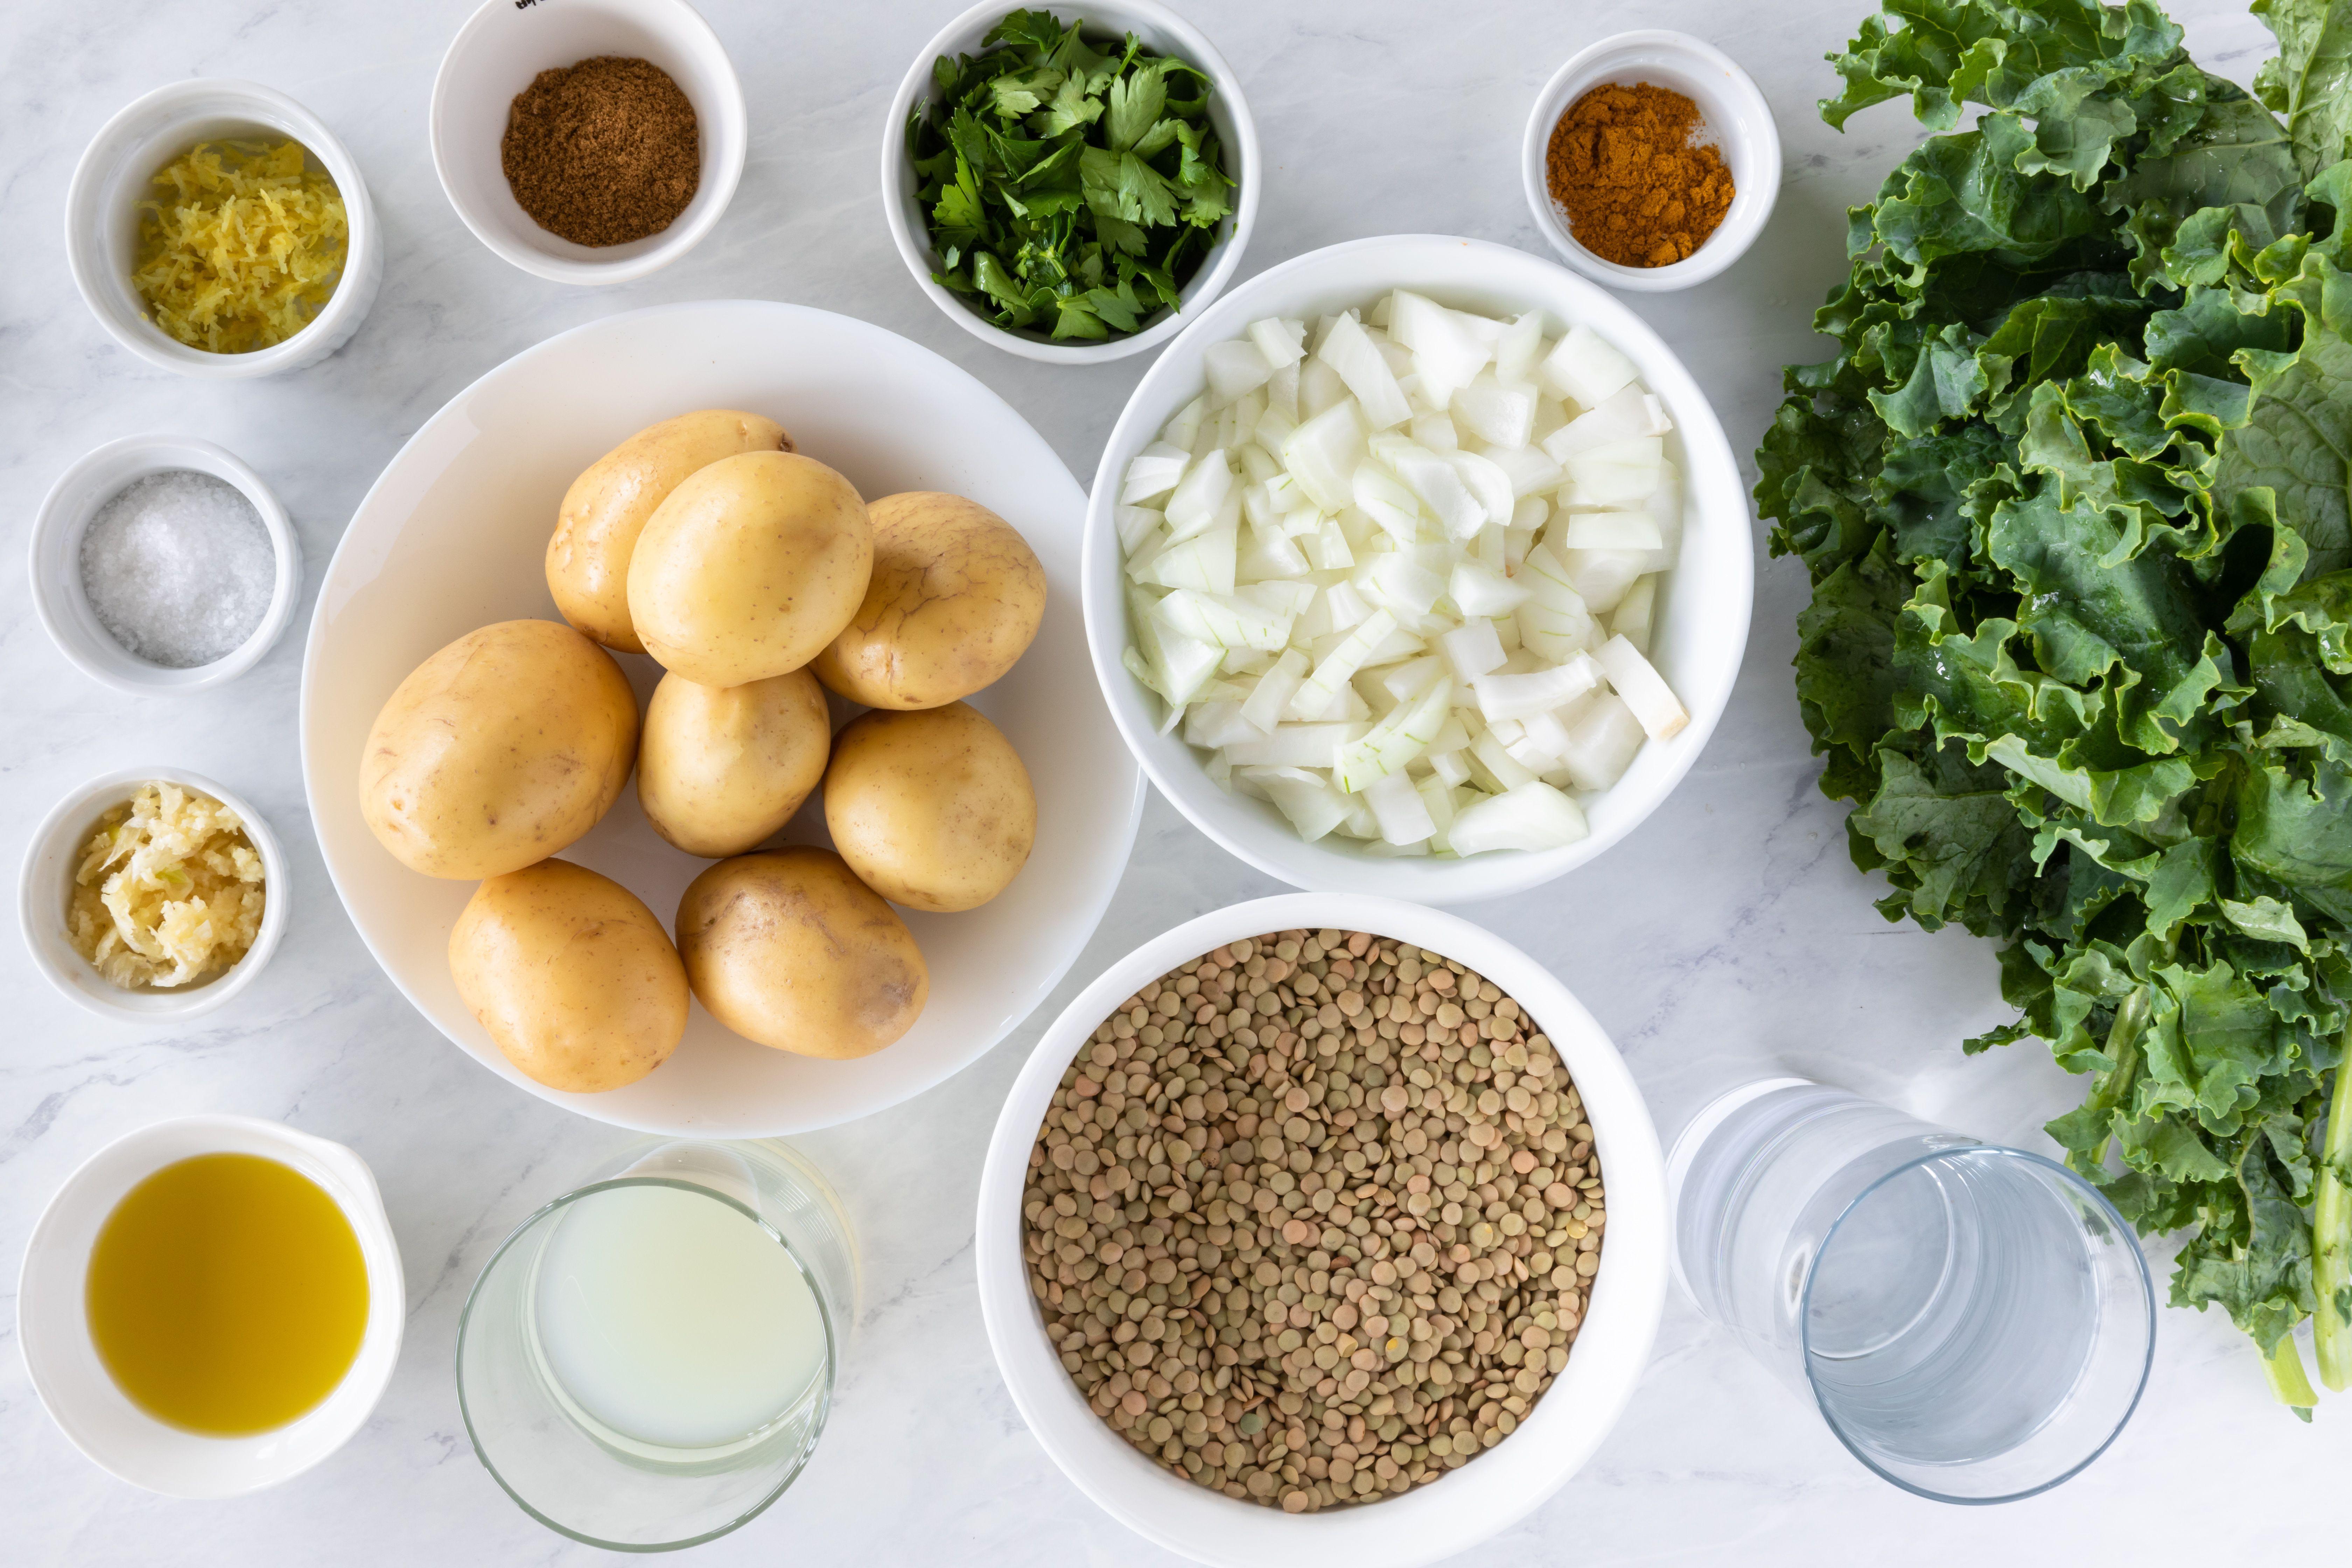 Ingredients for lemon, kale, and lentil soup